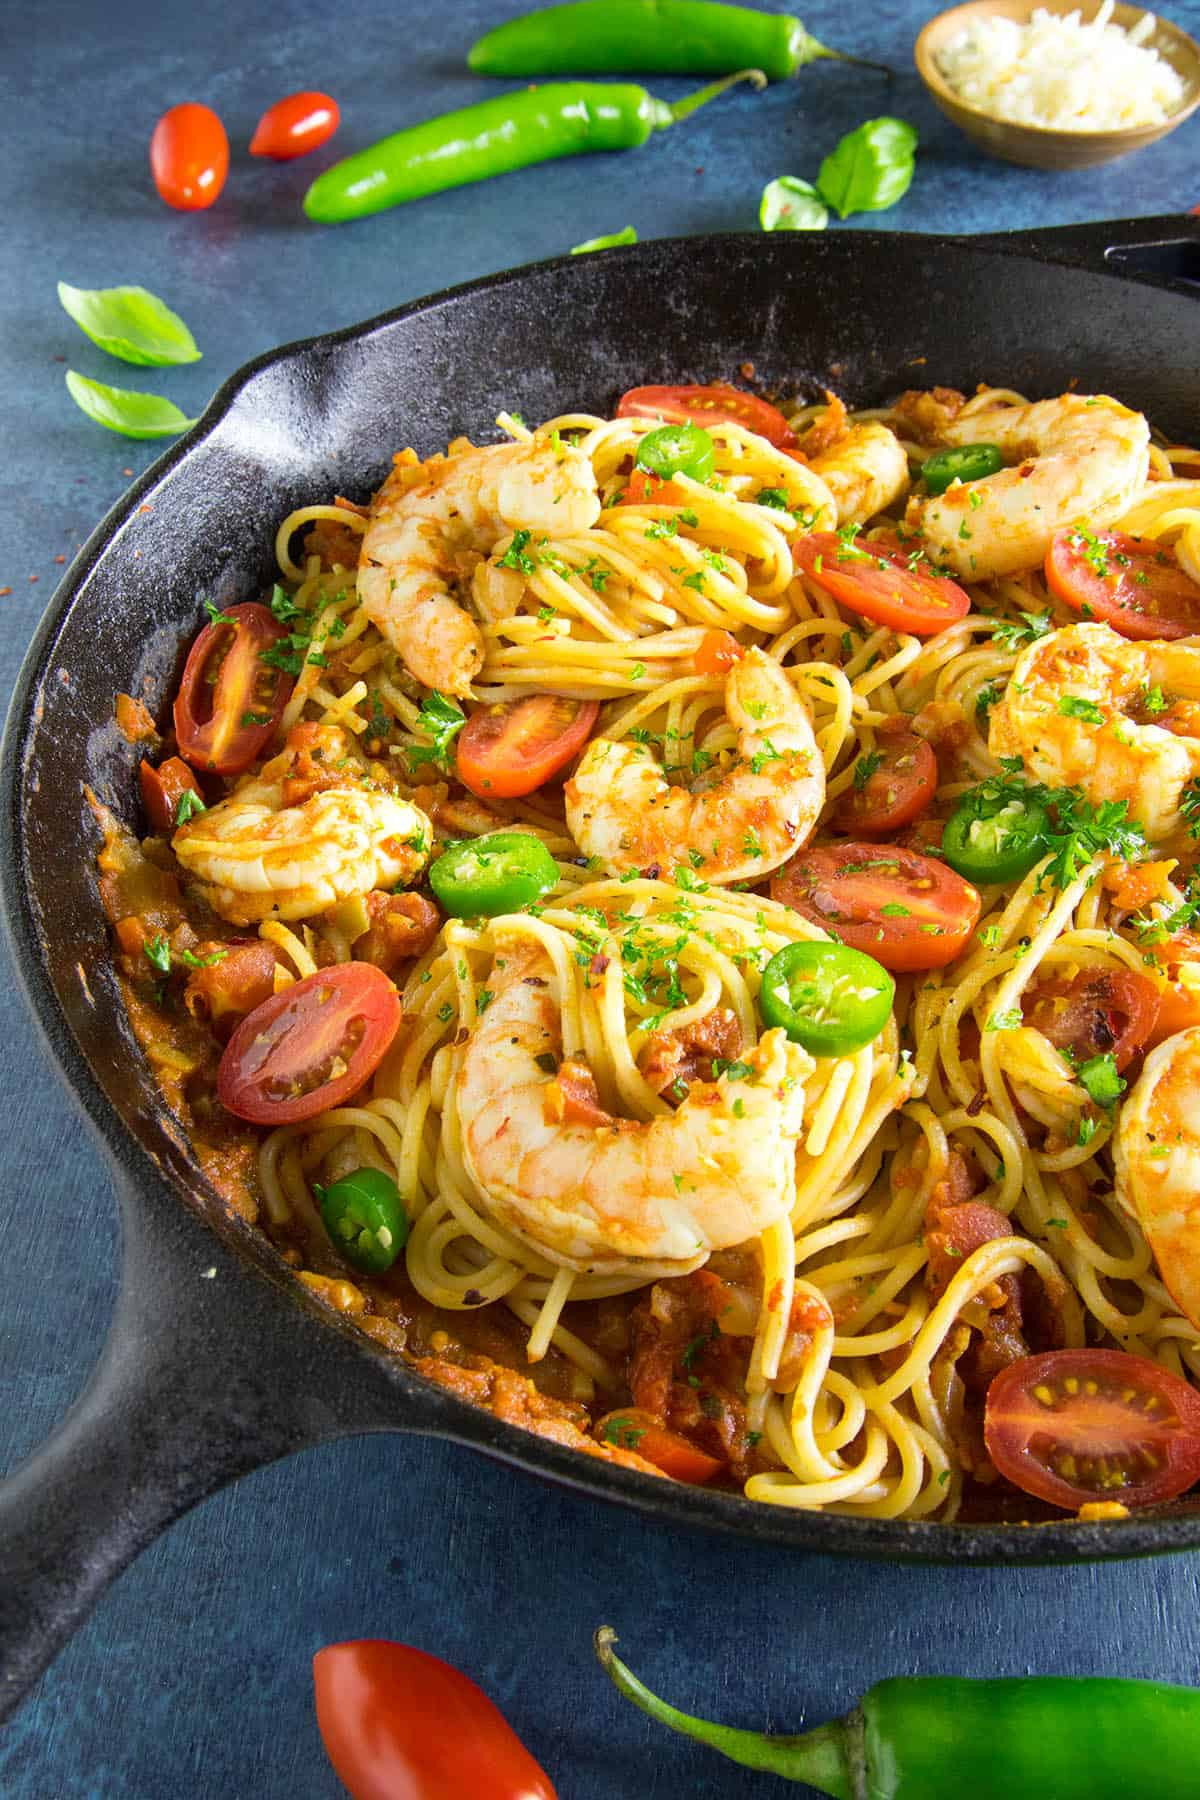 Shrimp Pasta Recipes Red Sauce  Cajun Shrimp Pasta with Red Sauce Recipe Chili Pepper